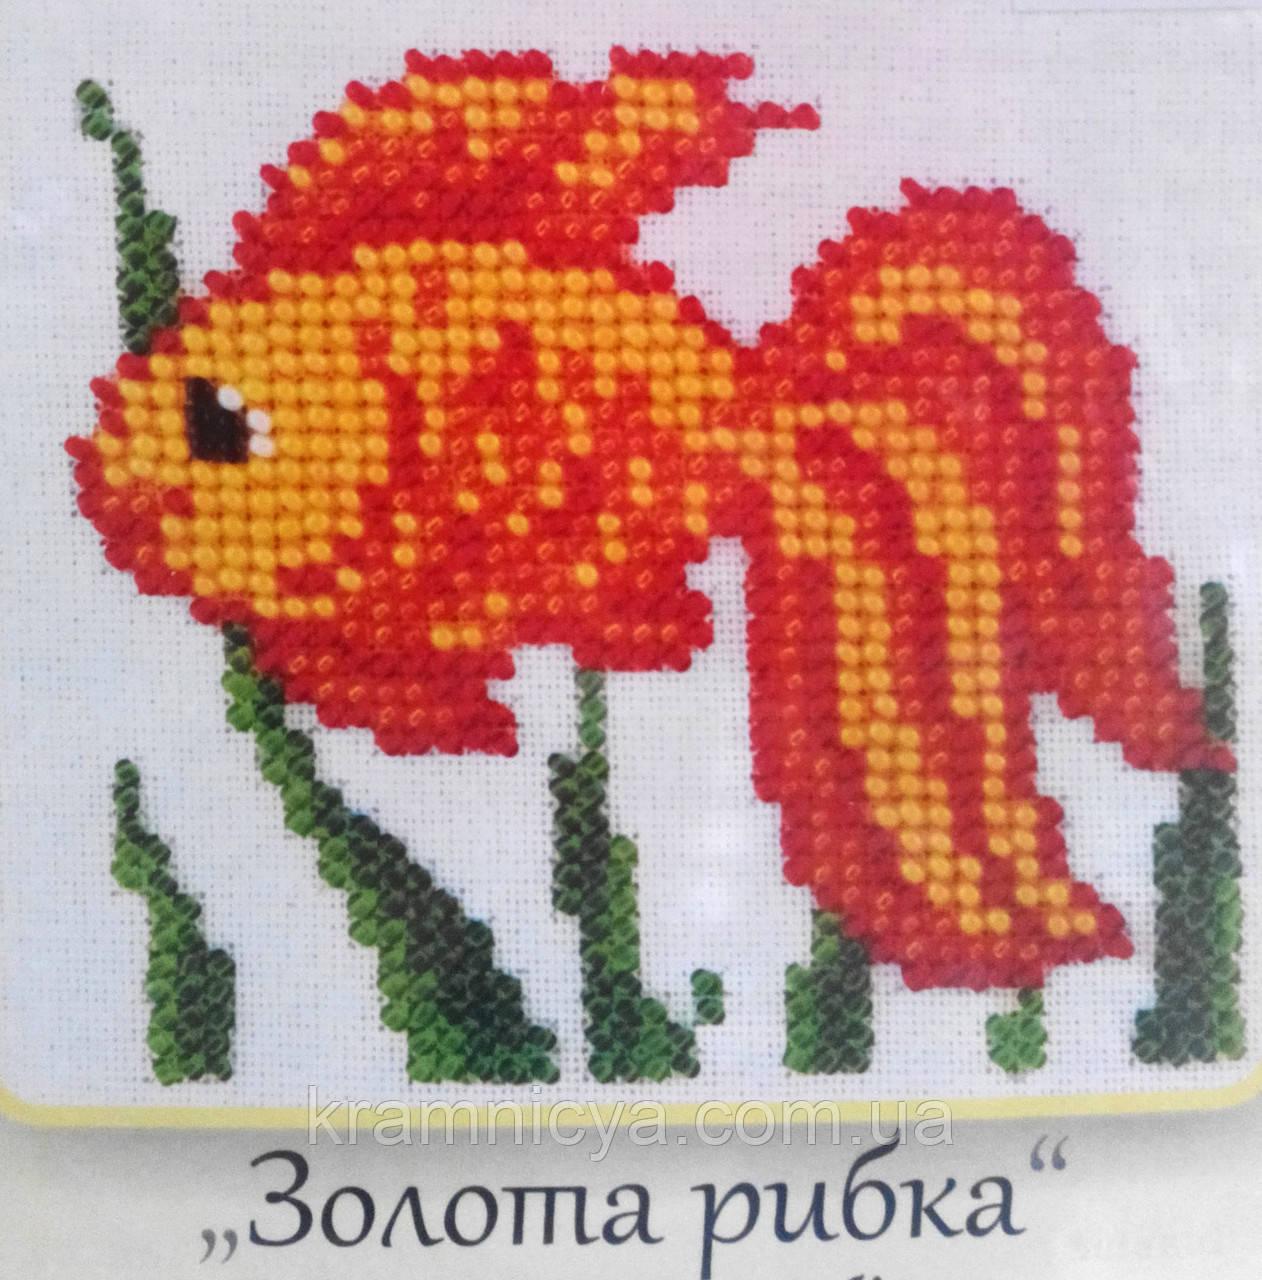 Золотая рыбка. Вышивание бисером на канве 11х11см.